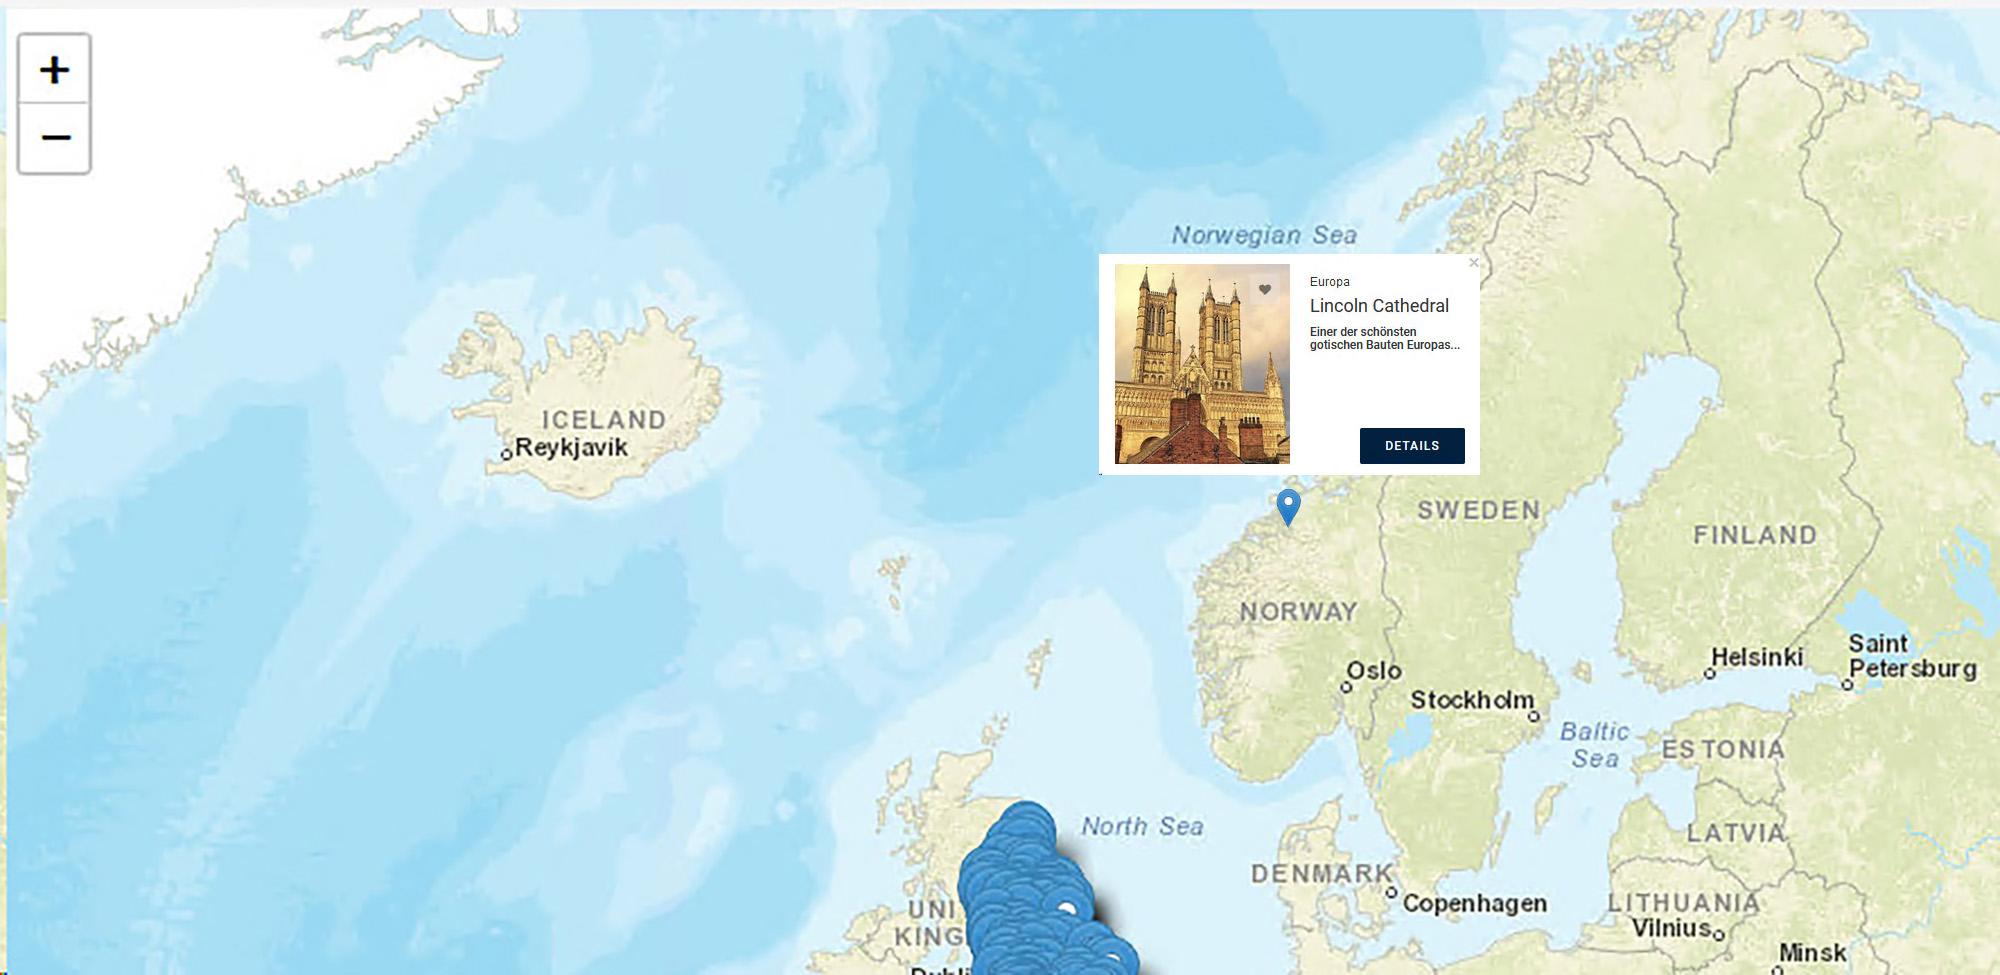 Beispiel_Skandinavienkarte mit Attraktion